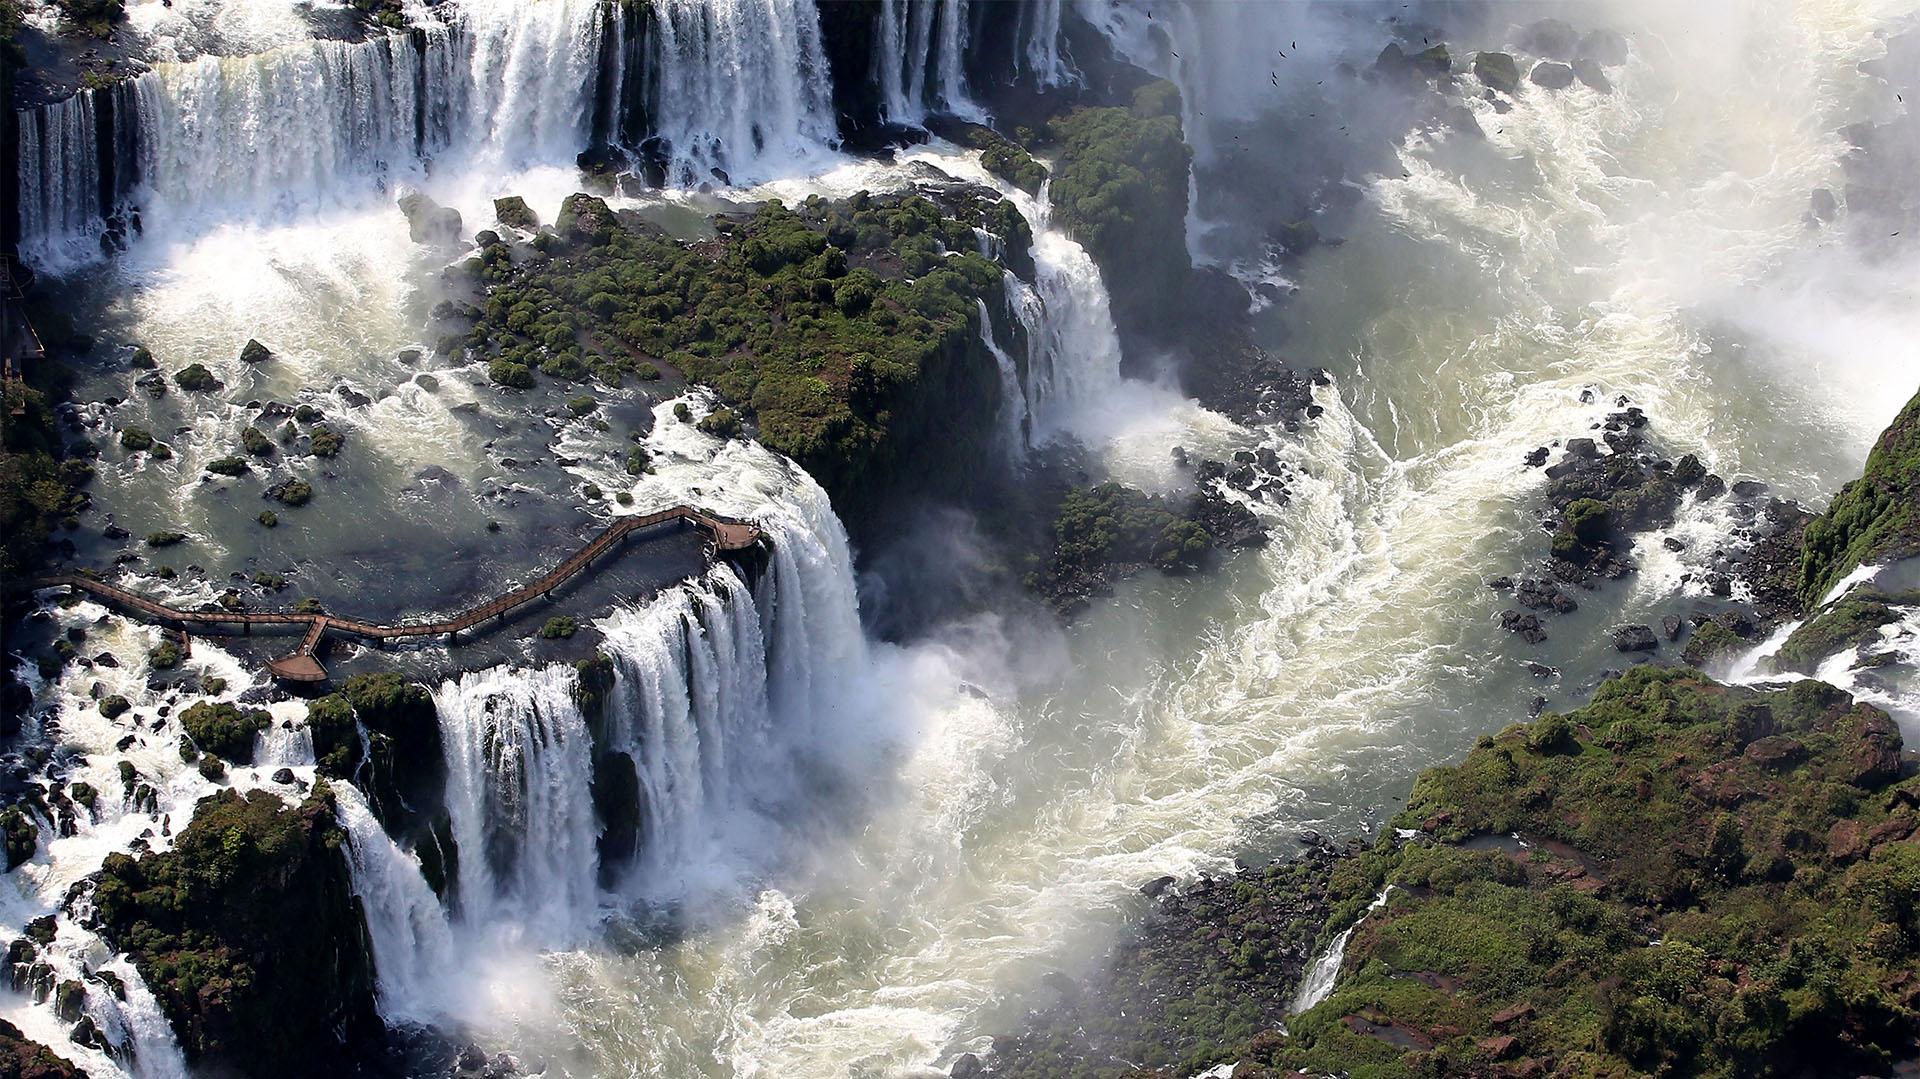 Bono vacacional de $20.000 - Cataratas del Iguazú